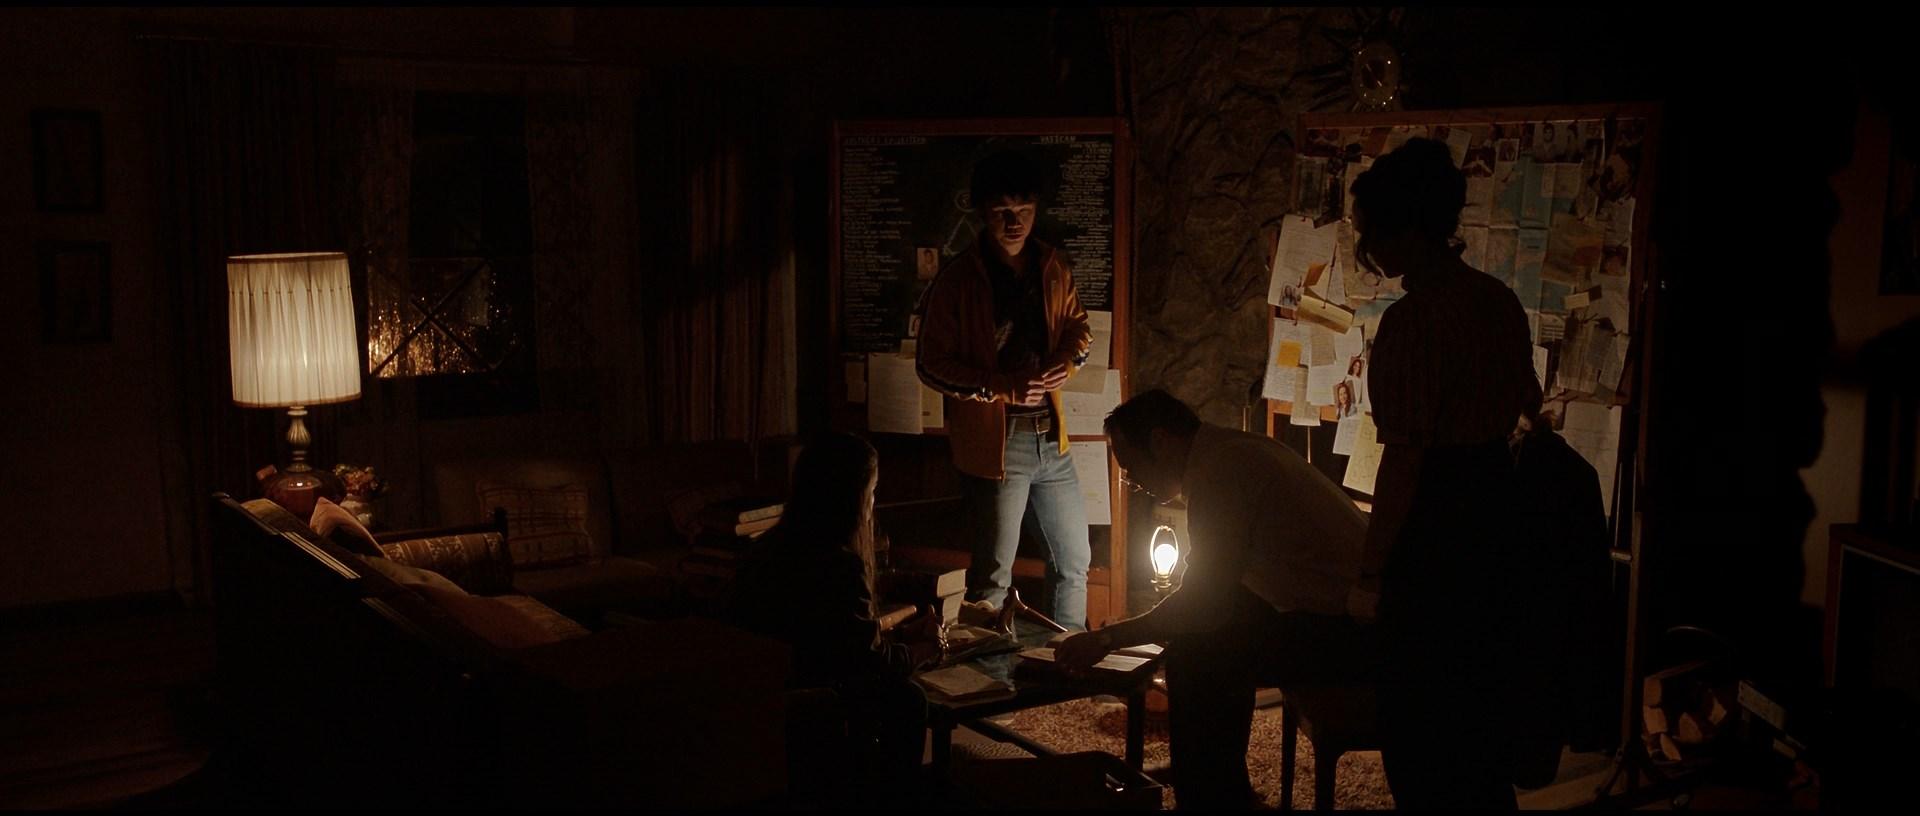 El conjuro 3: El diablo me obligó a hacerlo (2021) 1080p WEB-DL Latino